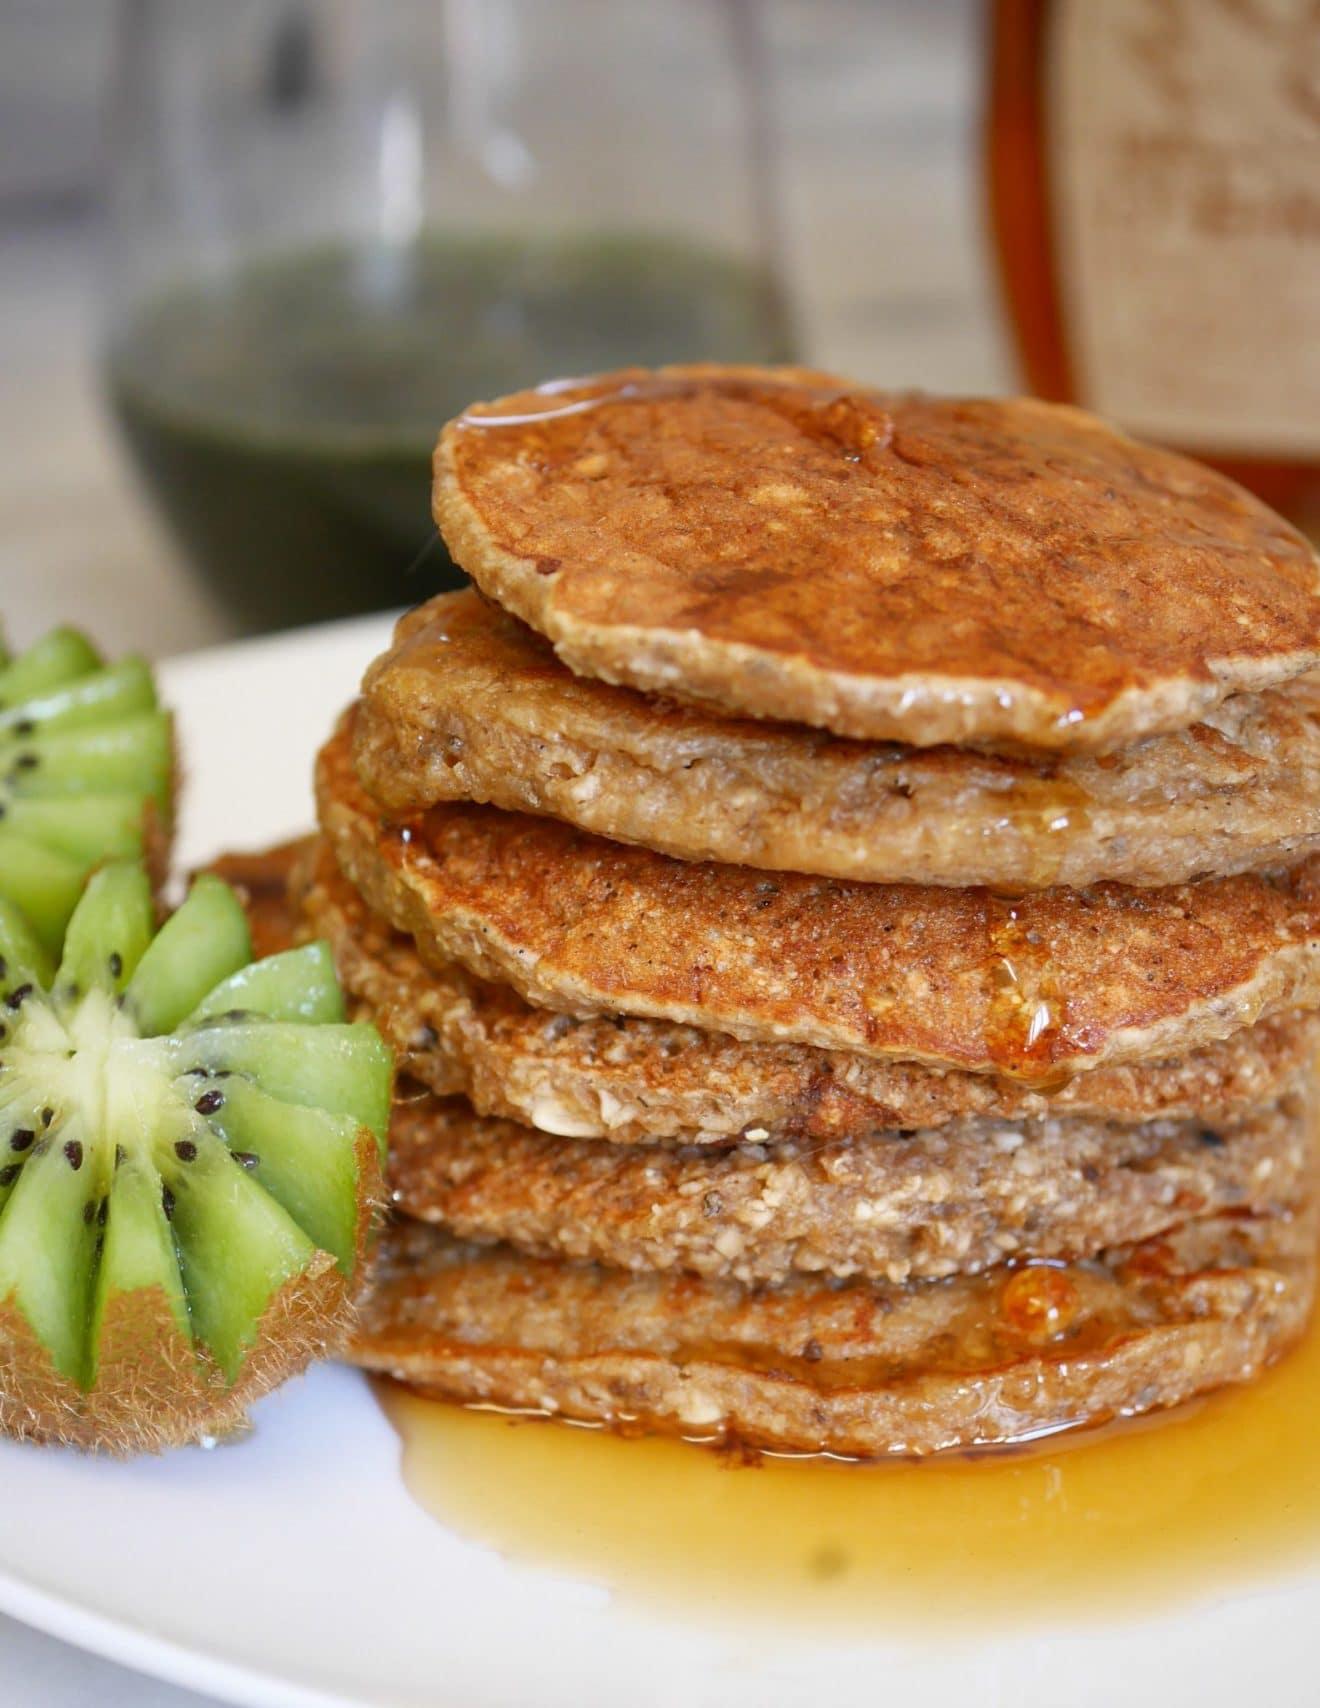 Recette Pancakes Banane Avoine : recette, pancakes, banane, avoine, Pancakes, Healthy, Vegan, Banane, Comment, Changé